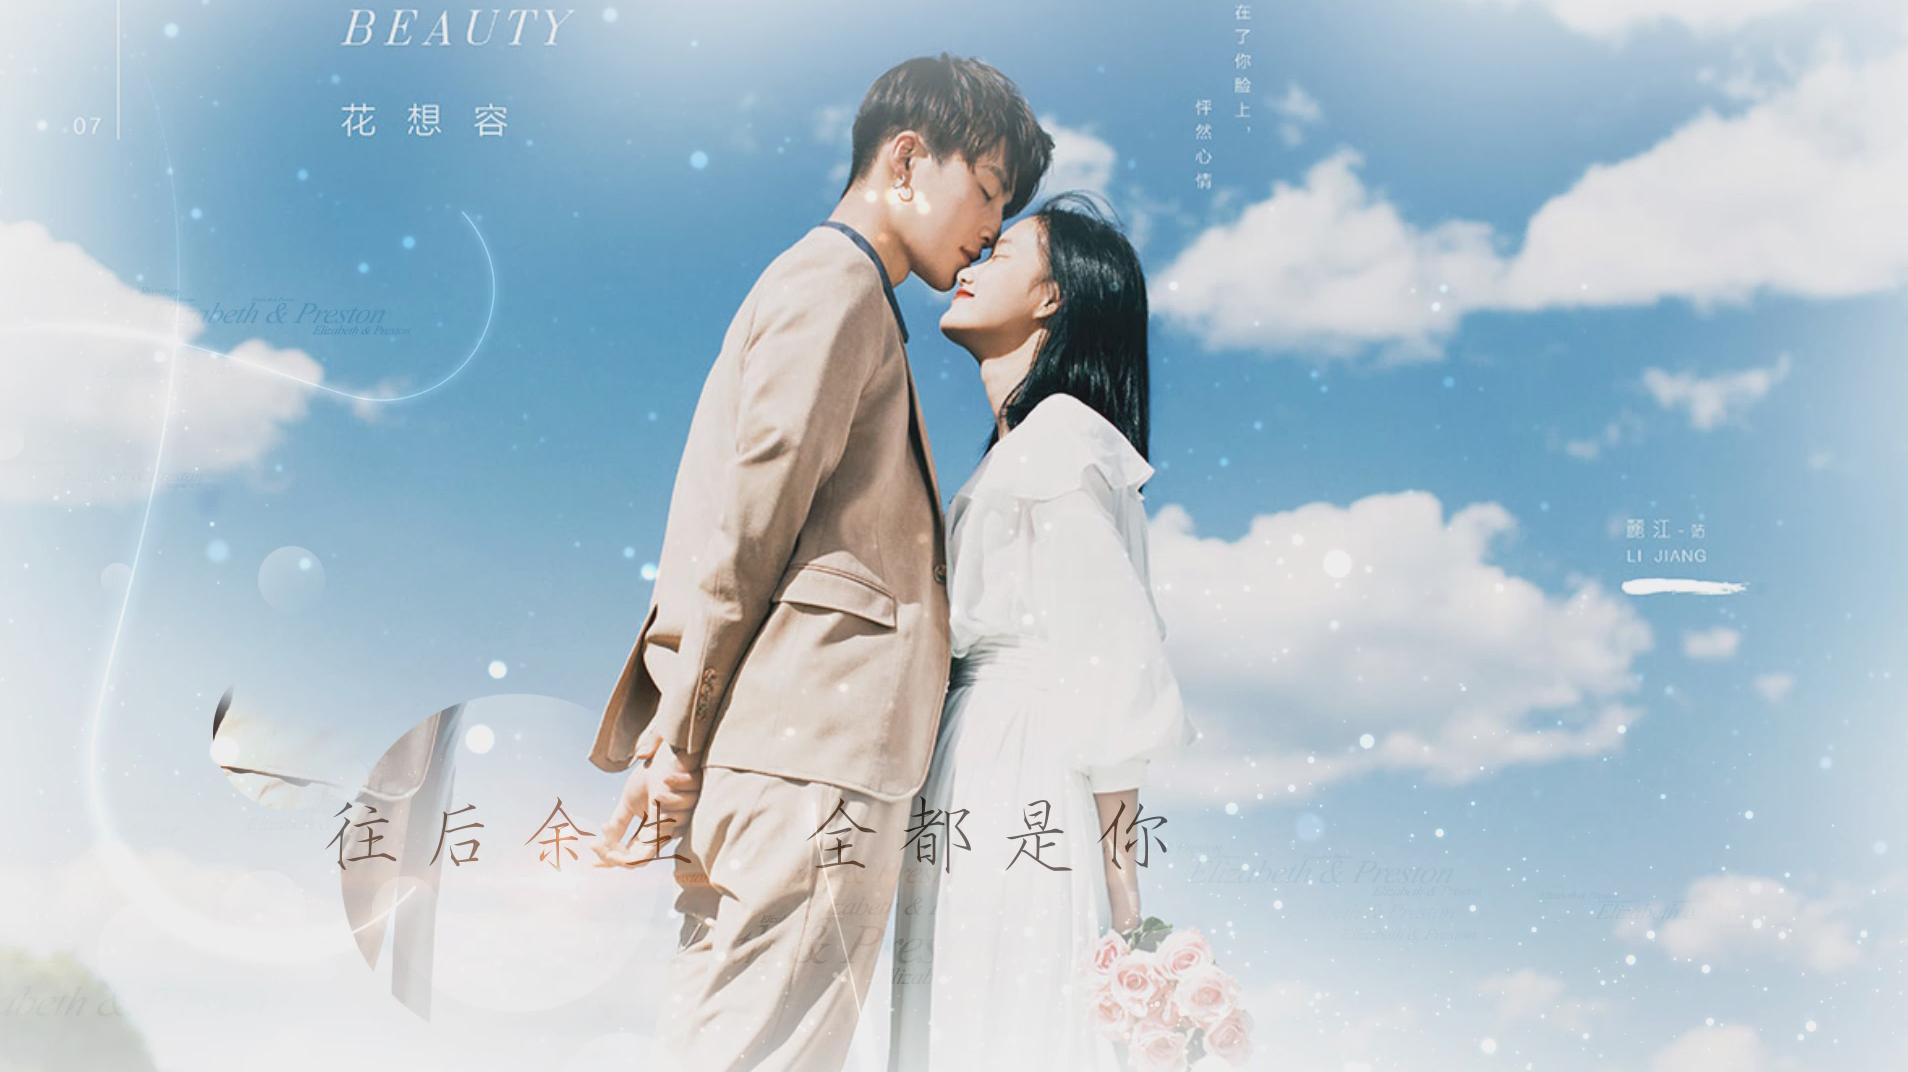 AE模板婚庆婚礼结婚纪念视频表白恋爱时尚大气璀璨电子相册照片